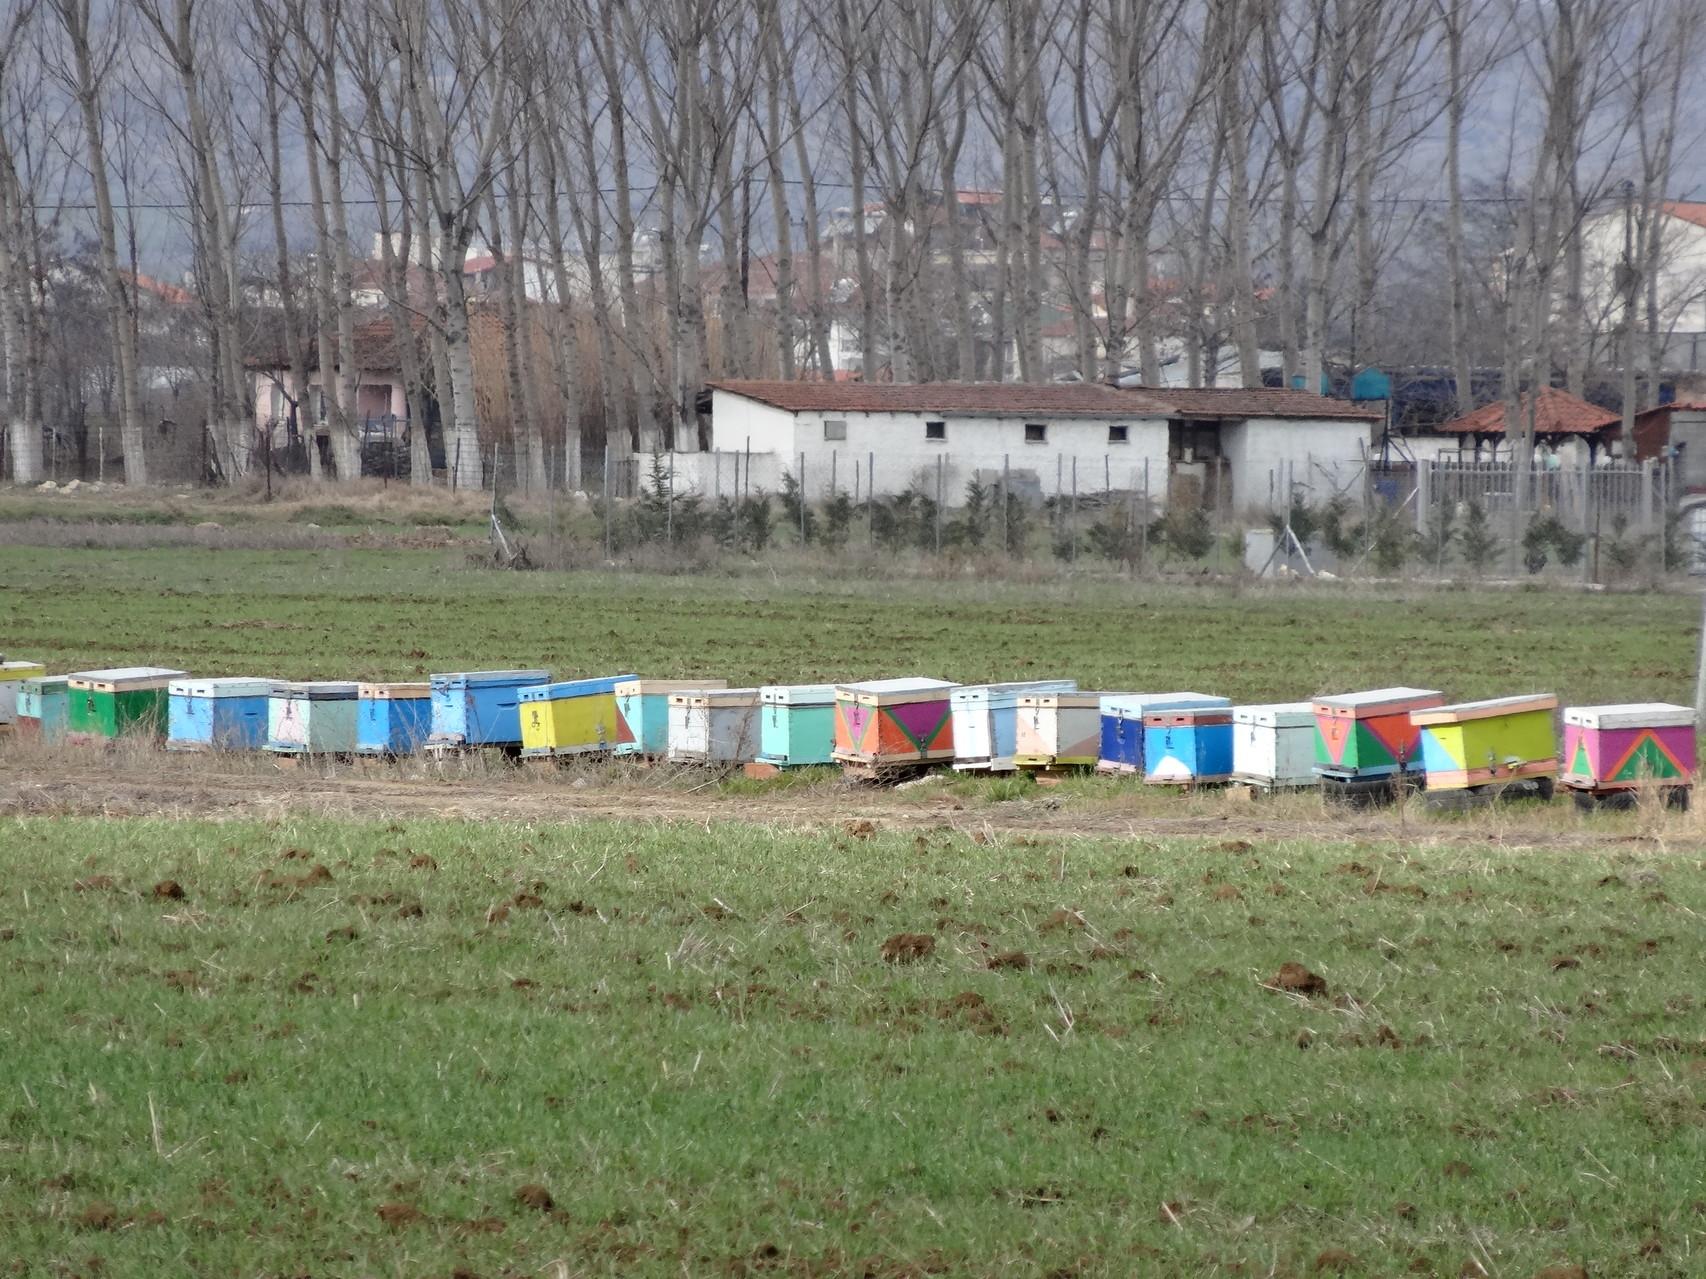 Des ruches colorées